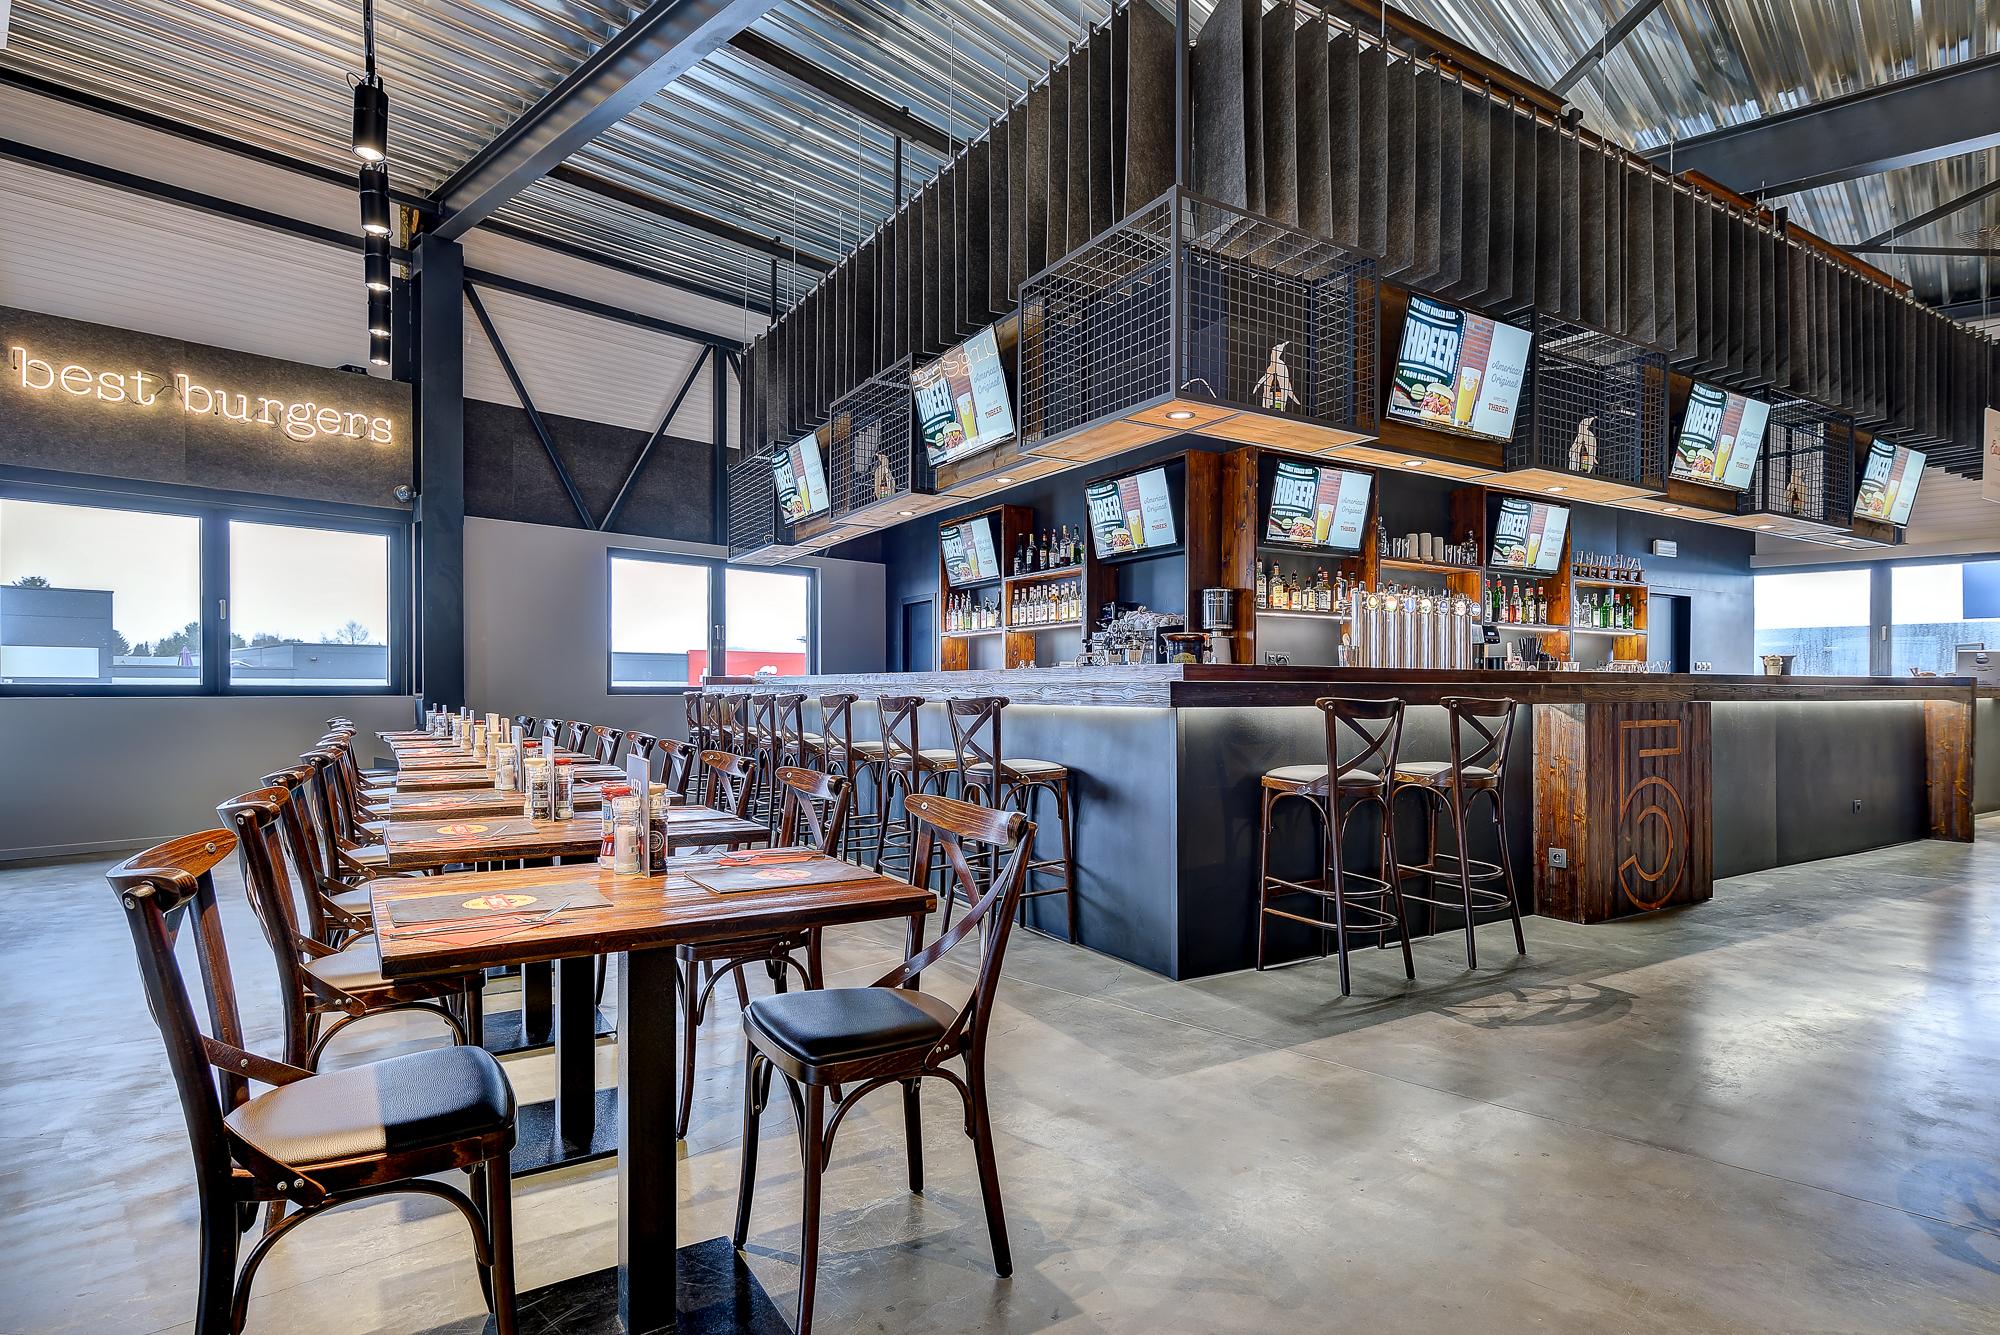 The Huggy's Bar - Awans